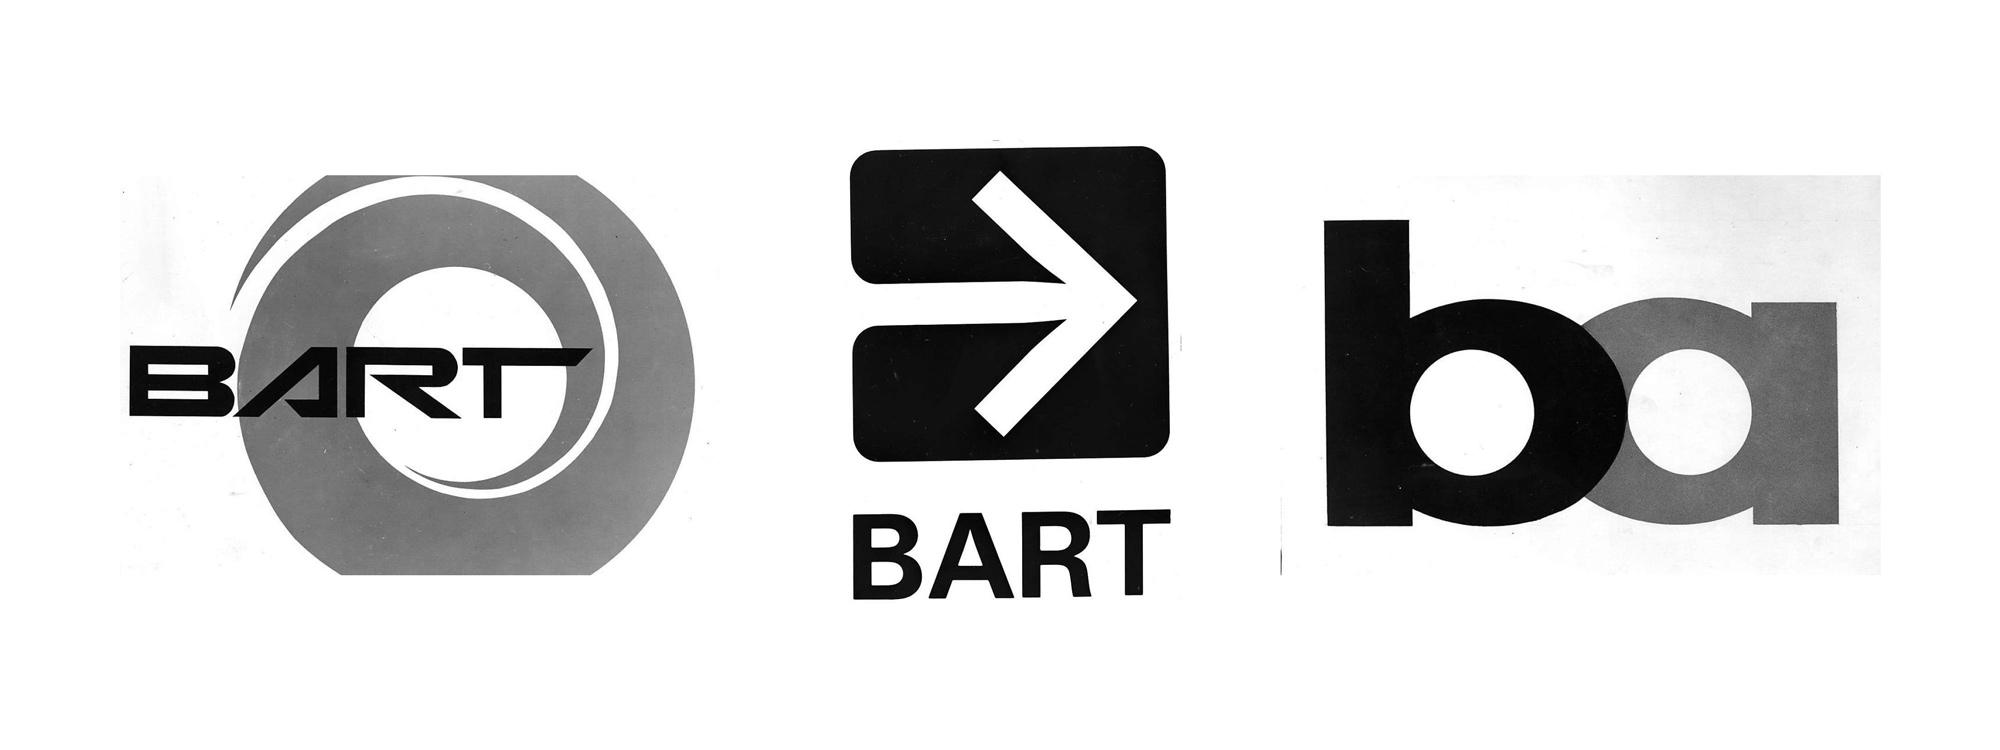 Brand New: Original BART Logo Options.